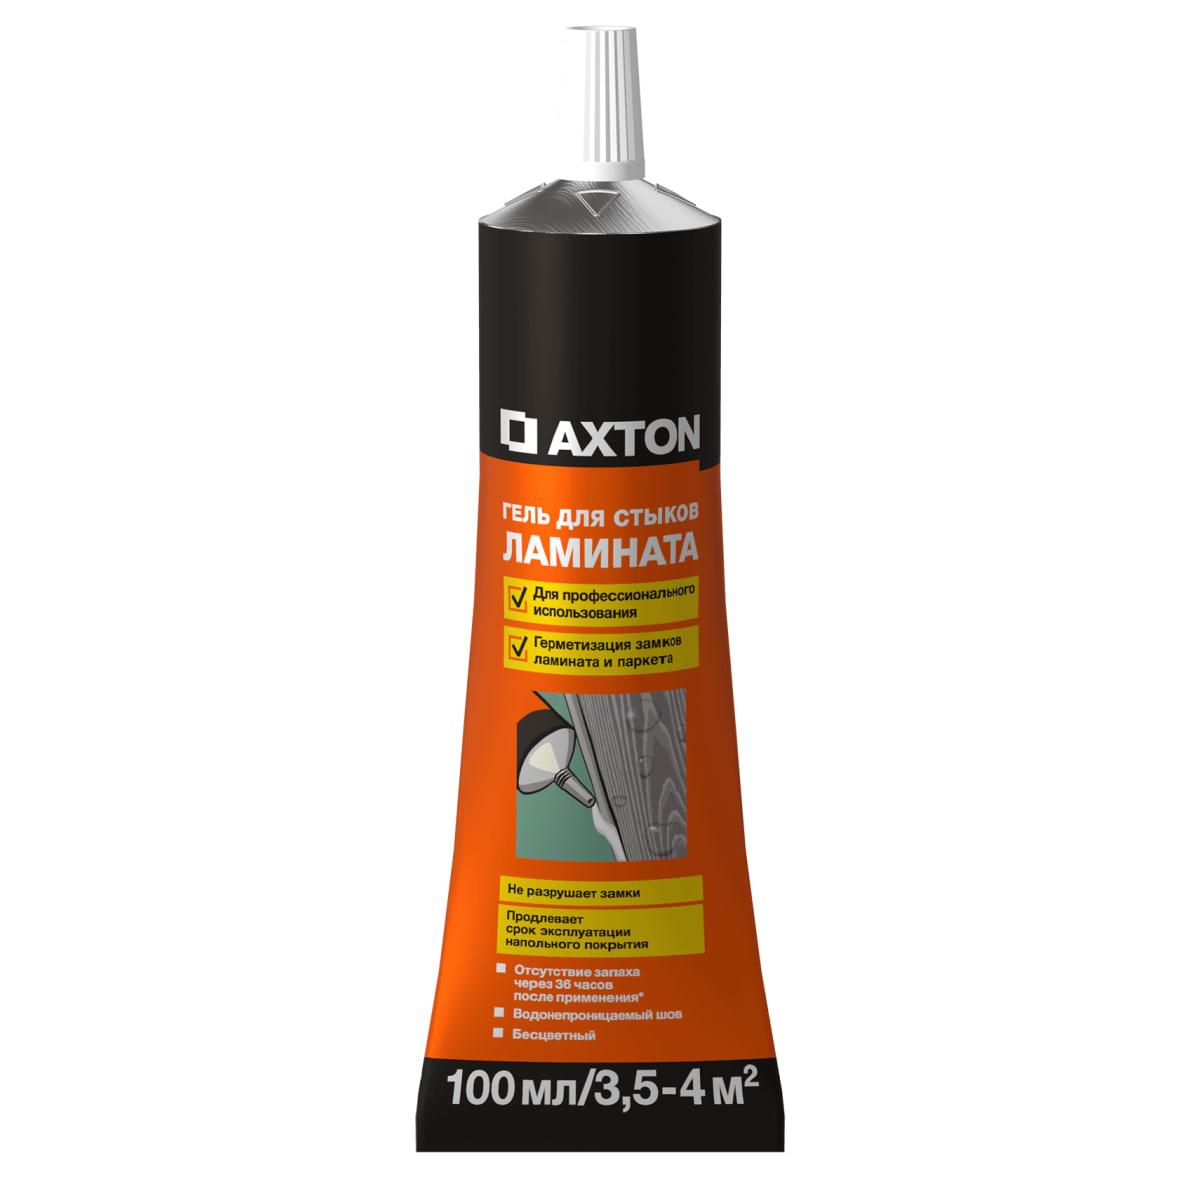 Гель для стыков ламината Axton 100 мл